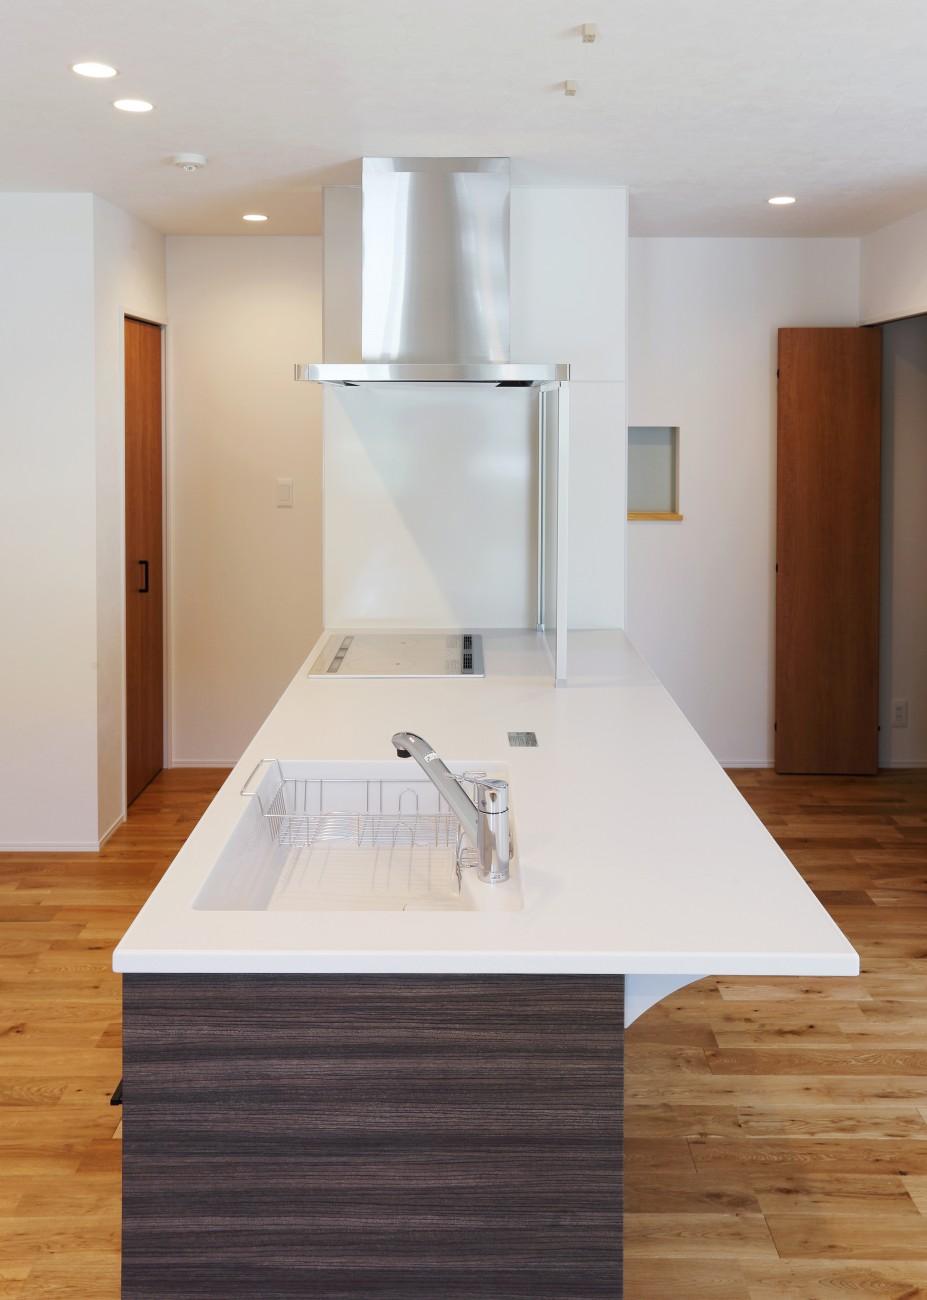 黒とオークのツートンがかっこいいお家、注文住宅Simple Box +Box(シンプルボックル+ボックス) 08